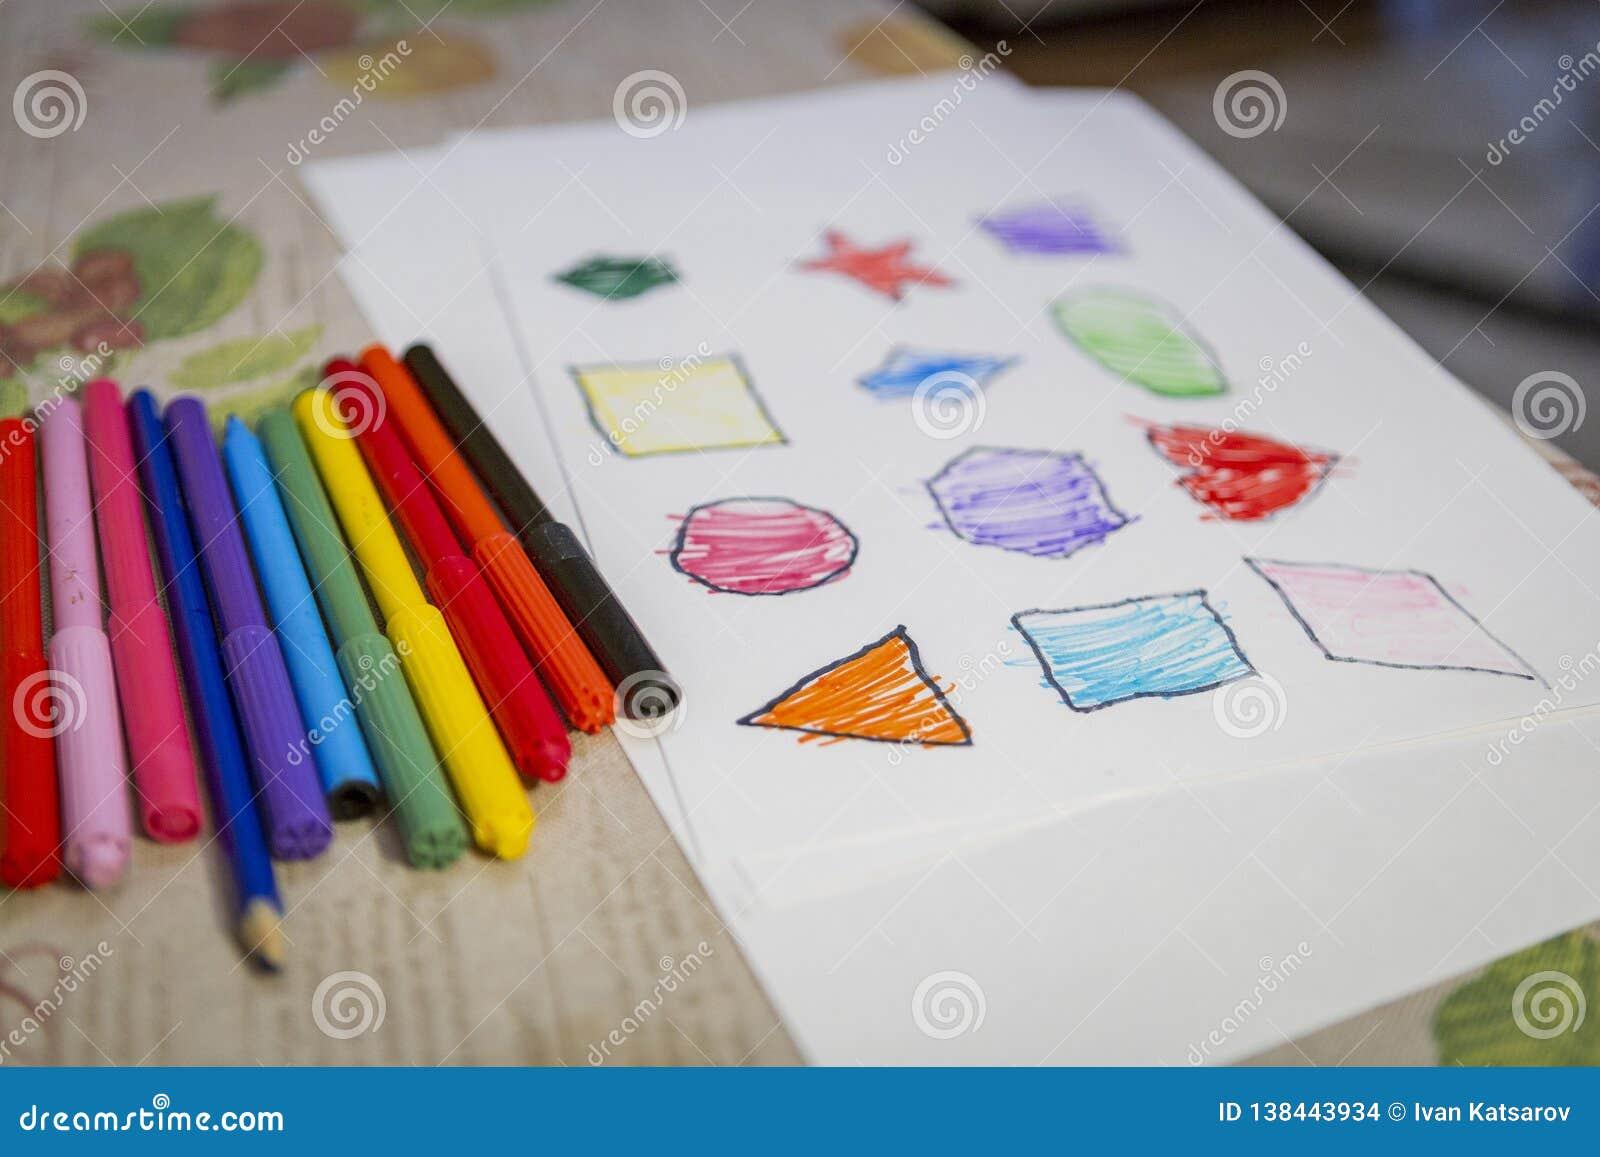 Kind thuis het schilderen en het kleuren cijfers aangaande wit blad